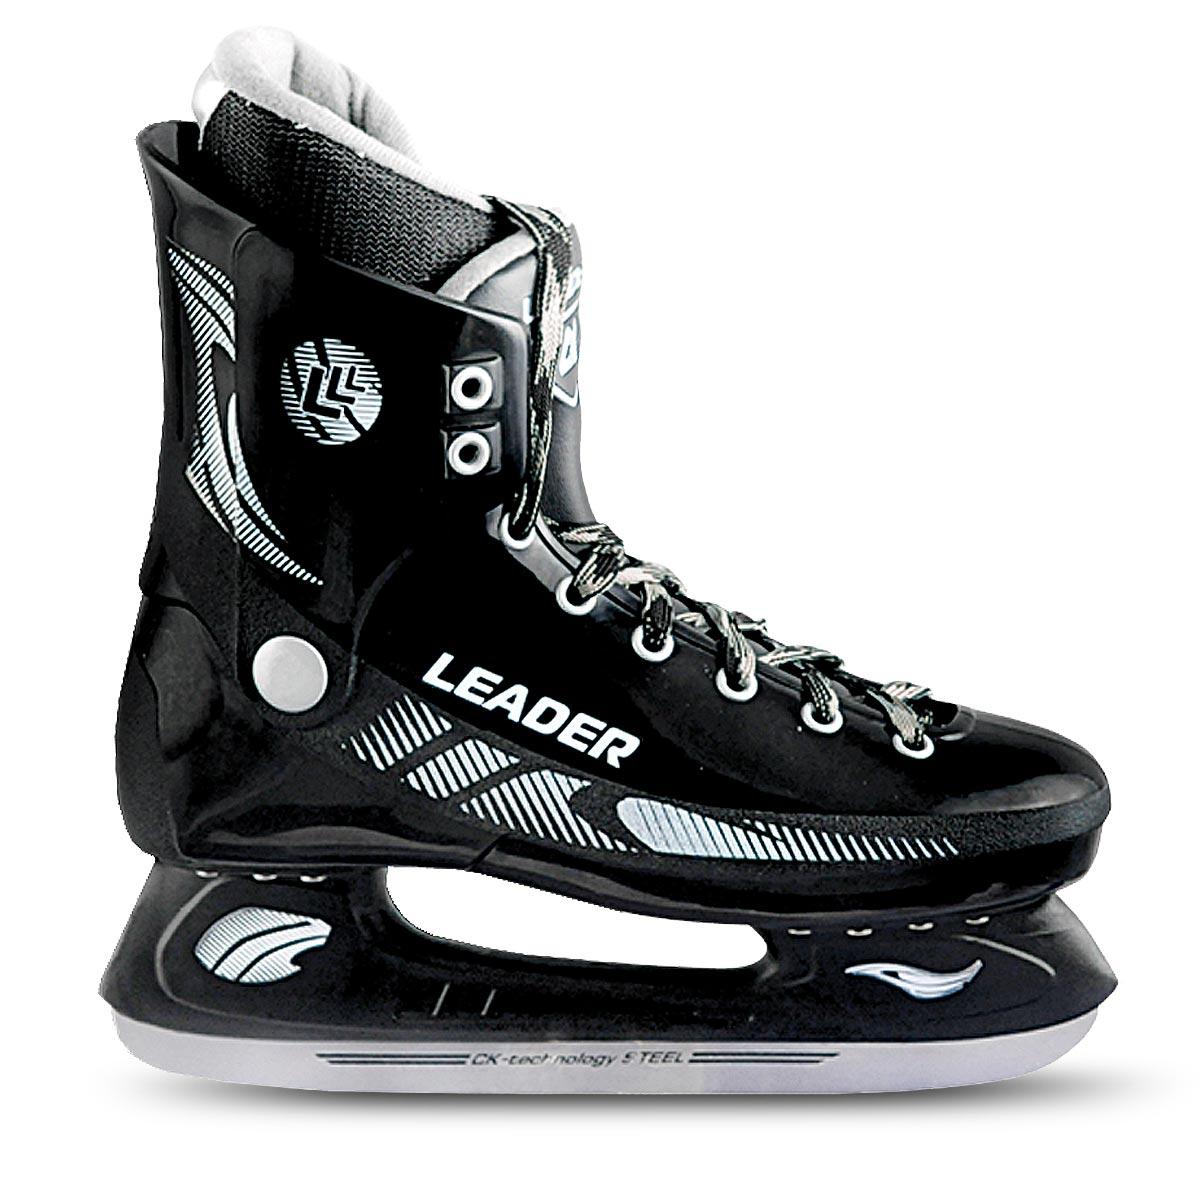 Коньки хоккейные для мальчика СК Leader, цвет: черный. Размер 36